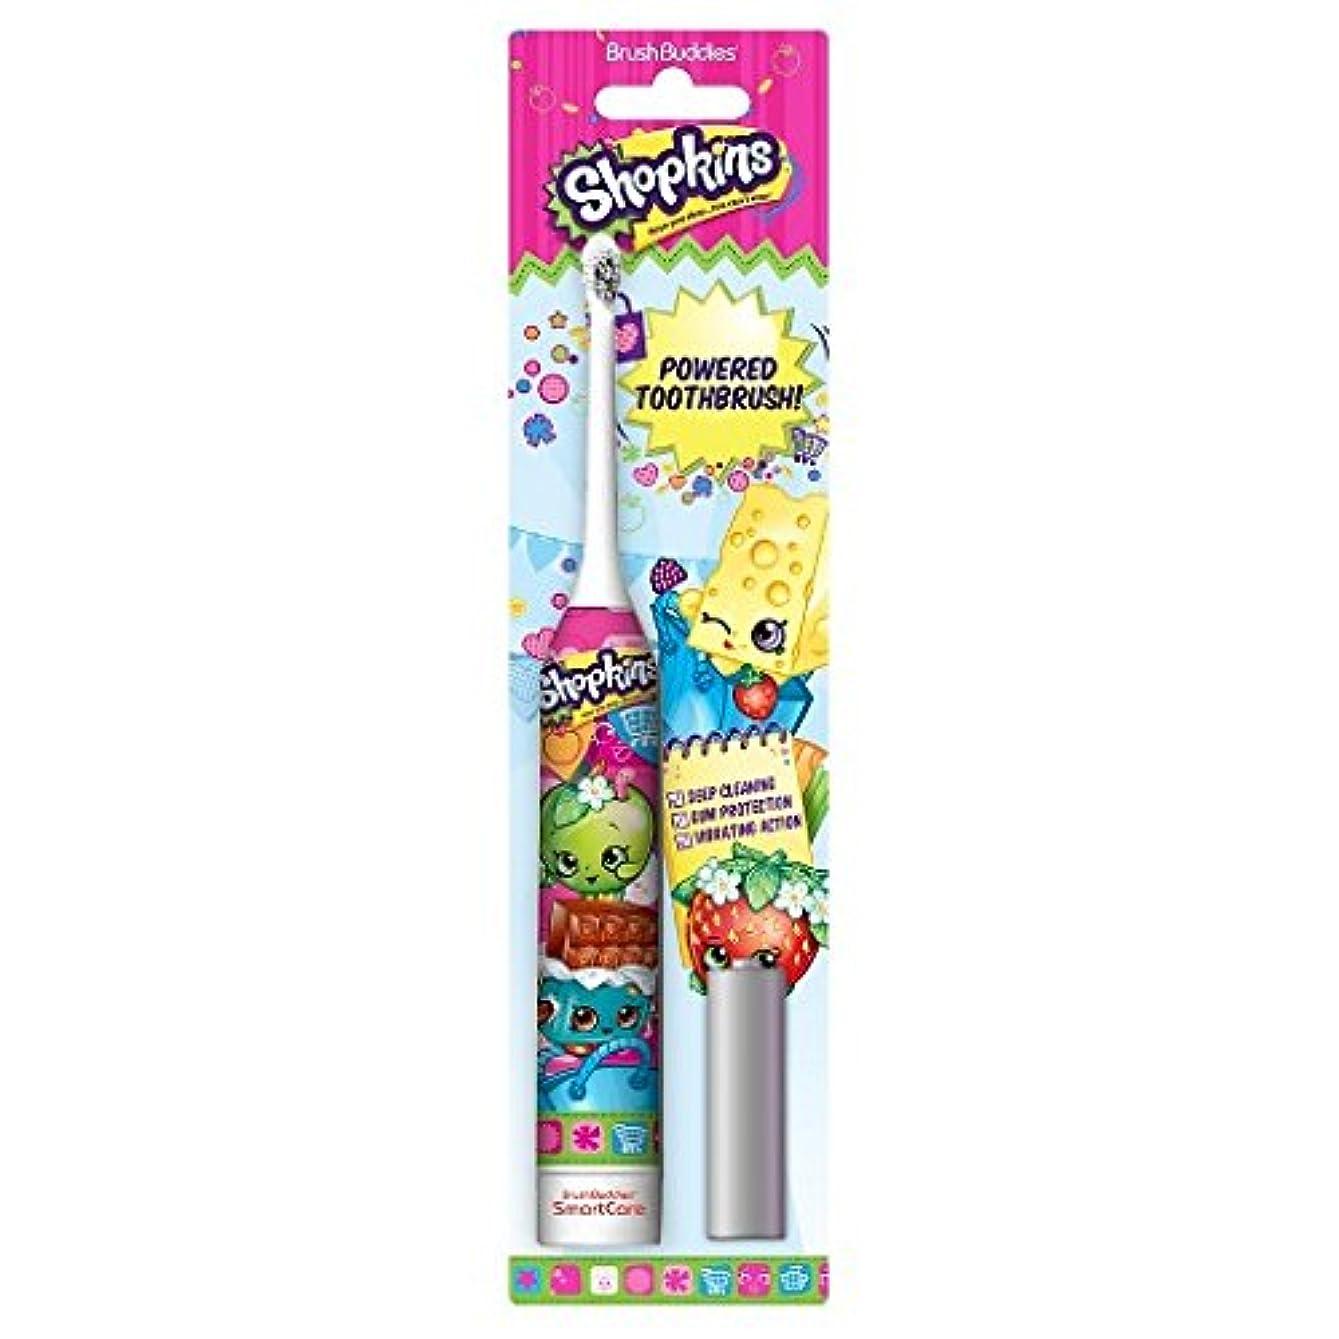 シャイニングアウター哀れなBrush Buddies Shopkins Sonic Powered Toothbrush ソニックパワード電動歯ブラシ [並行輸入品]